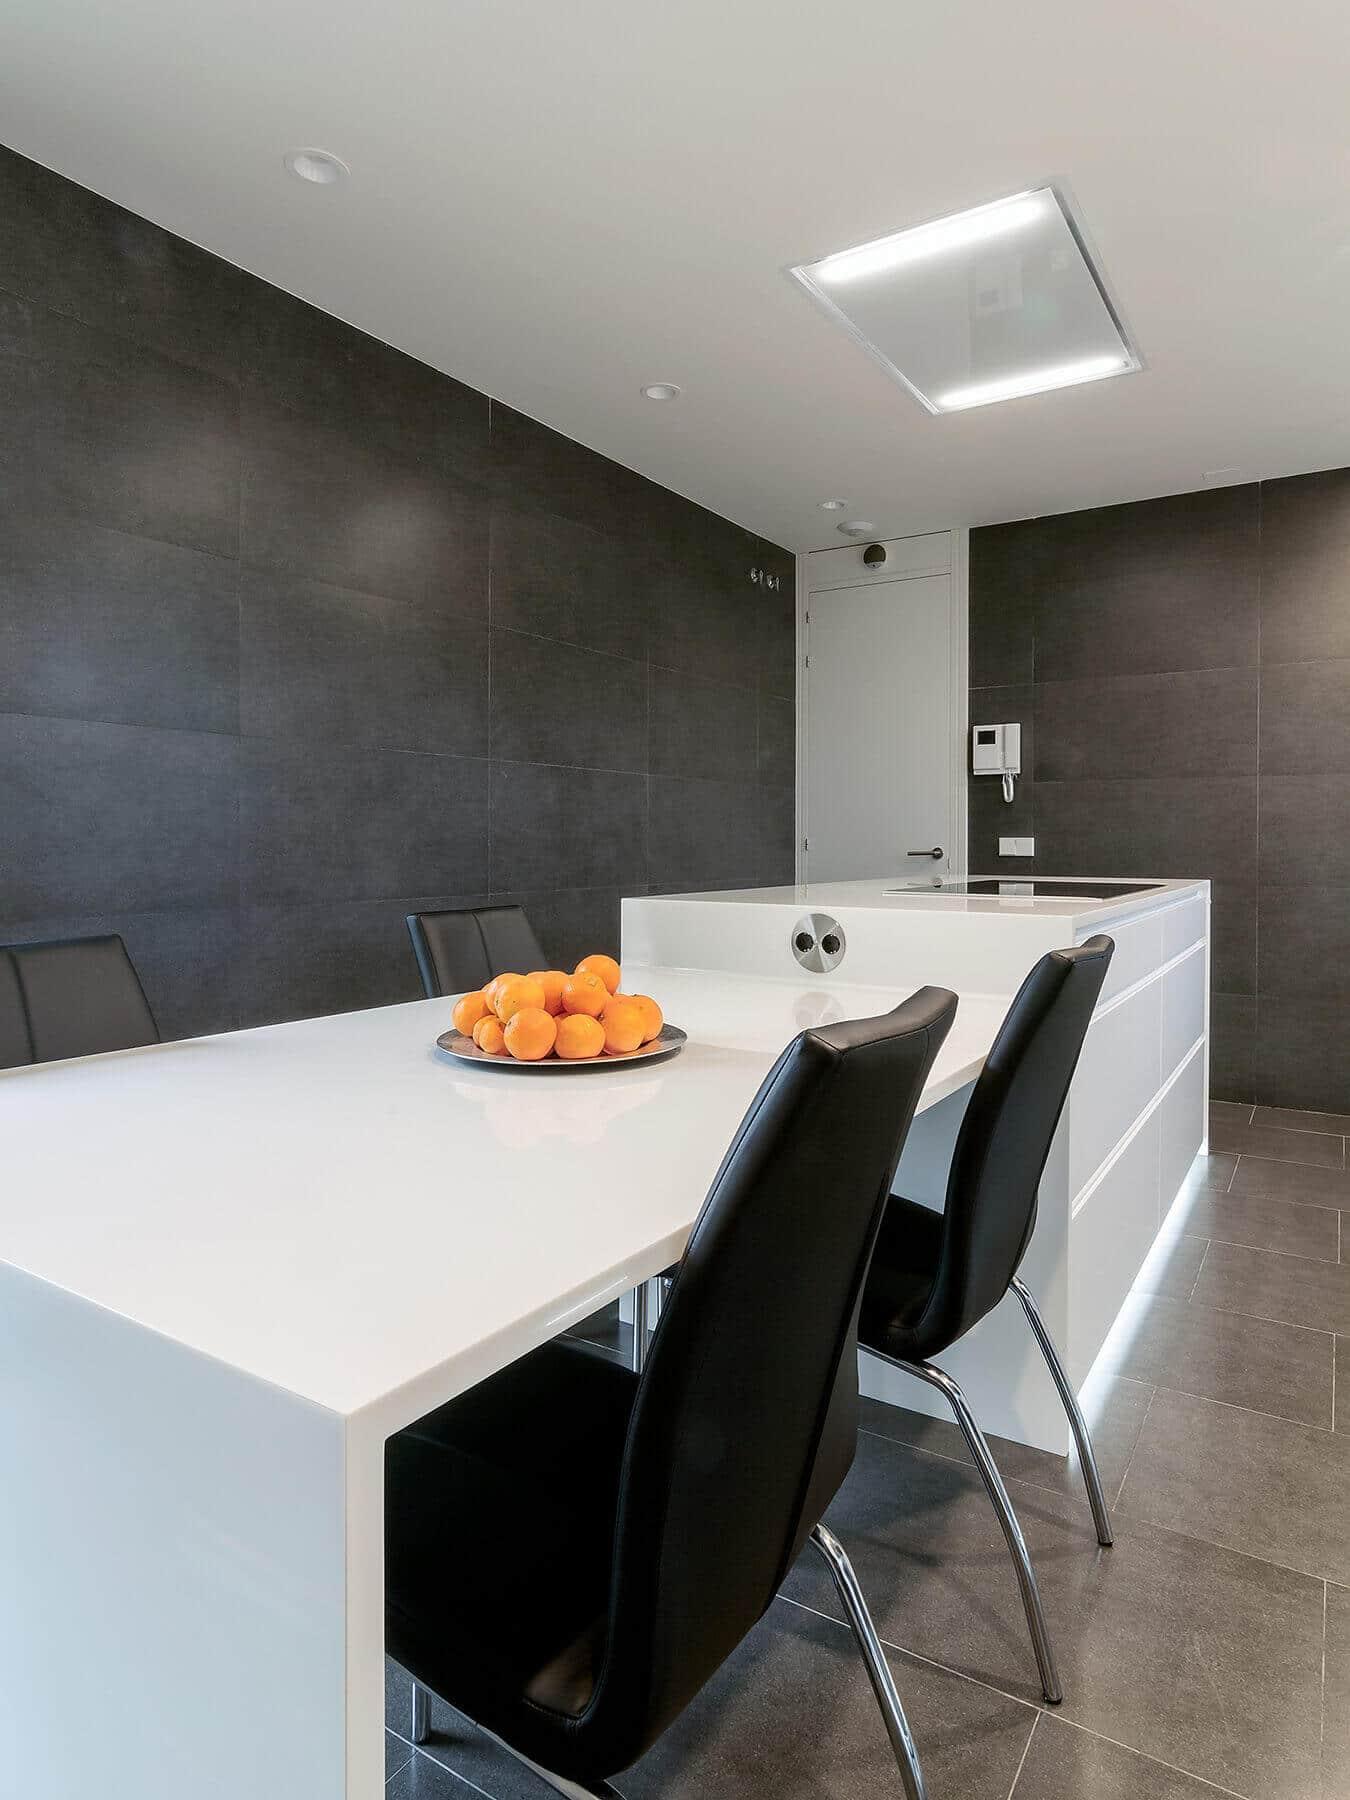 Cocina con isla con contrastes blancos y negros